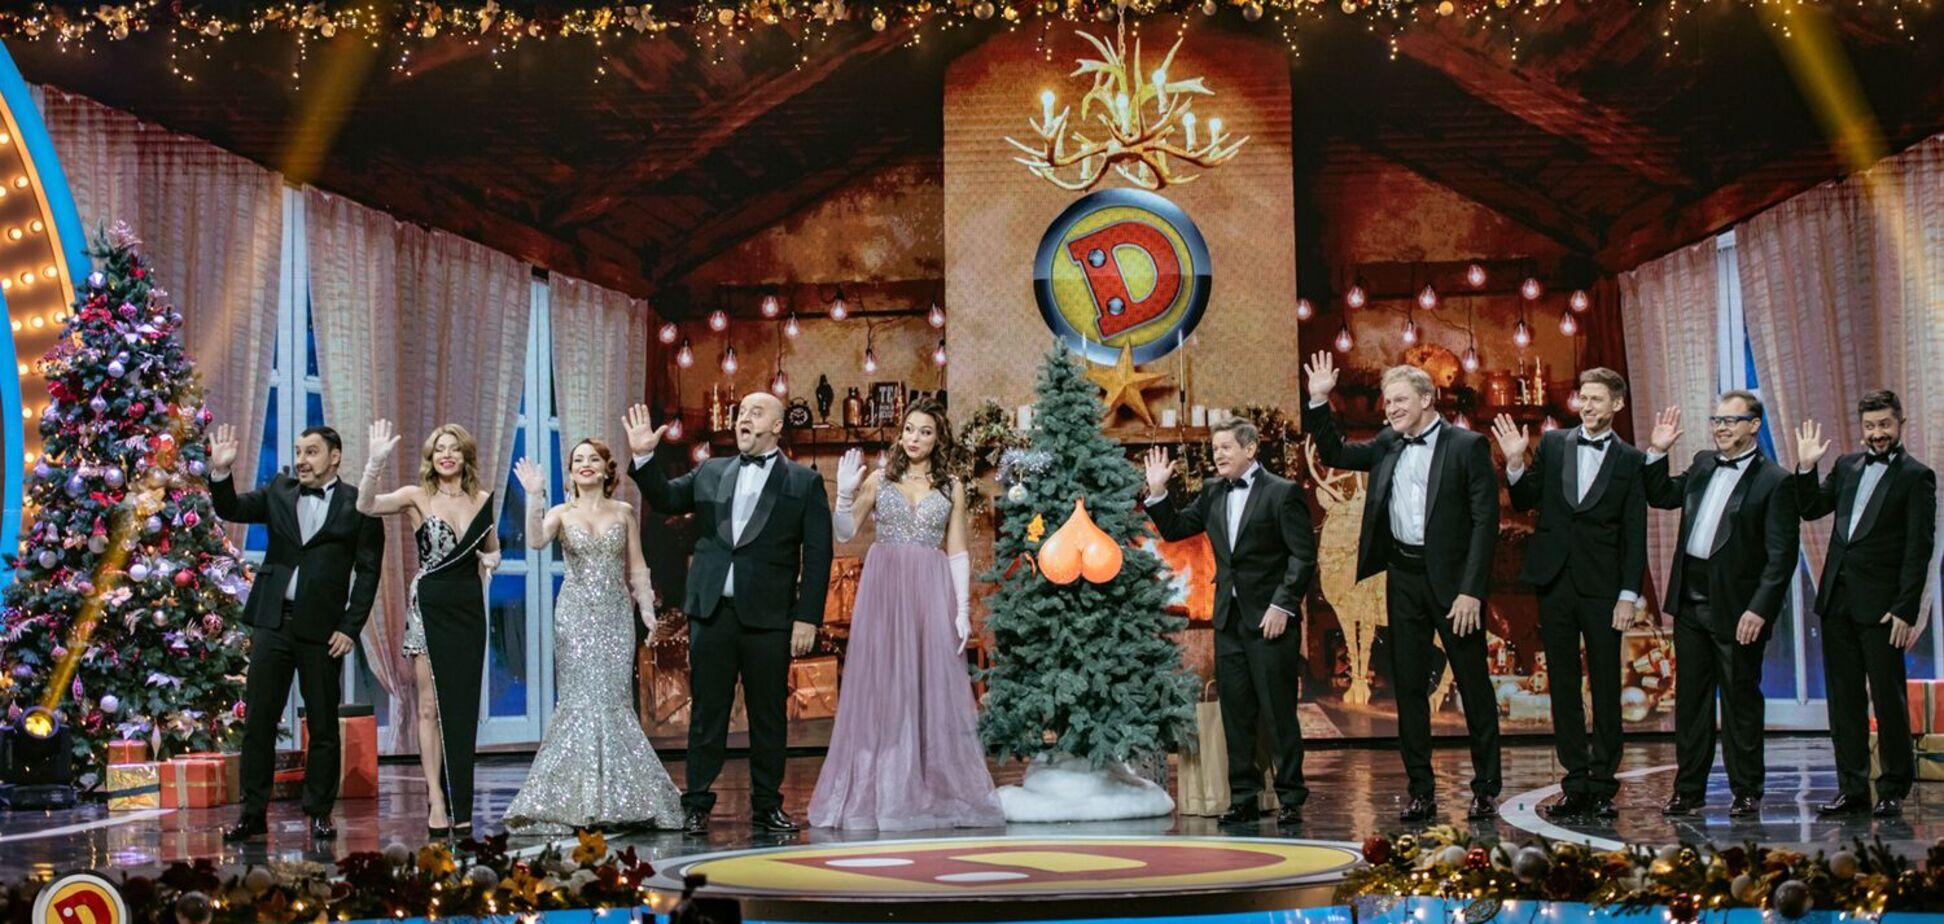 'Дизель шоу' показали закулисье новогодней программы, свергнувшей 'Квартал 95'